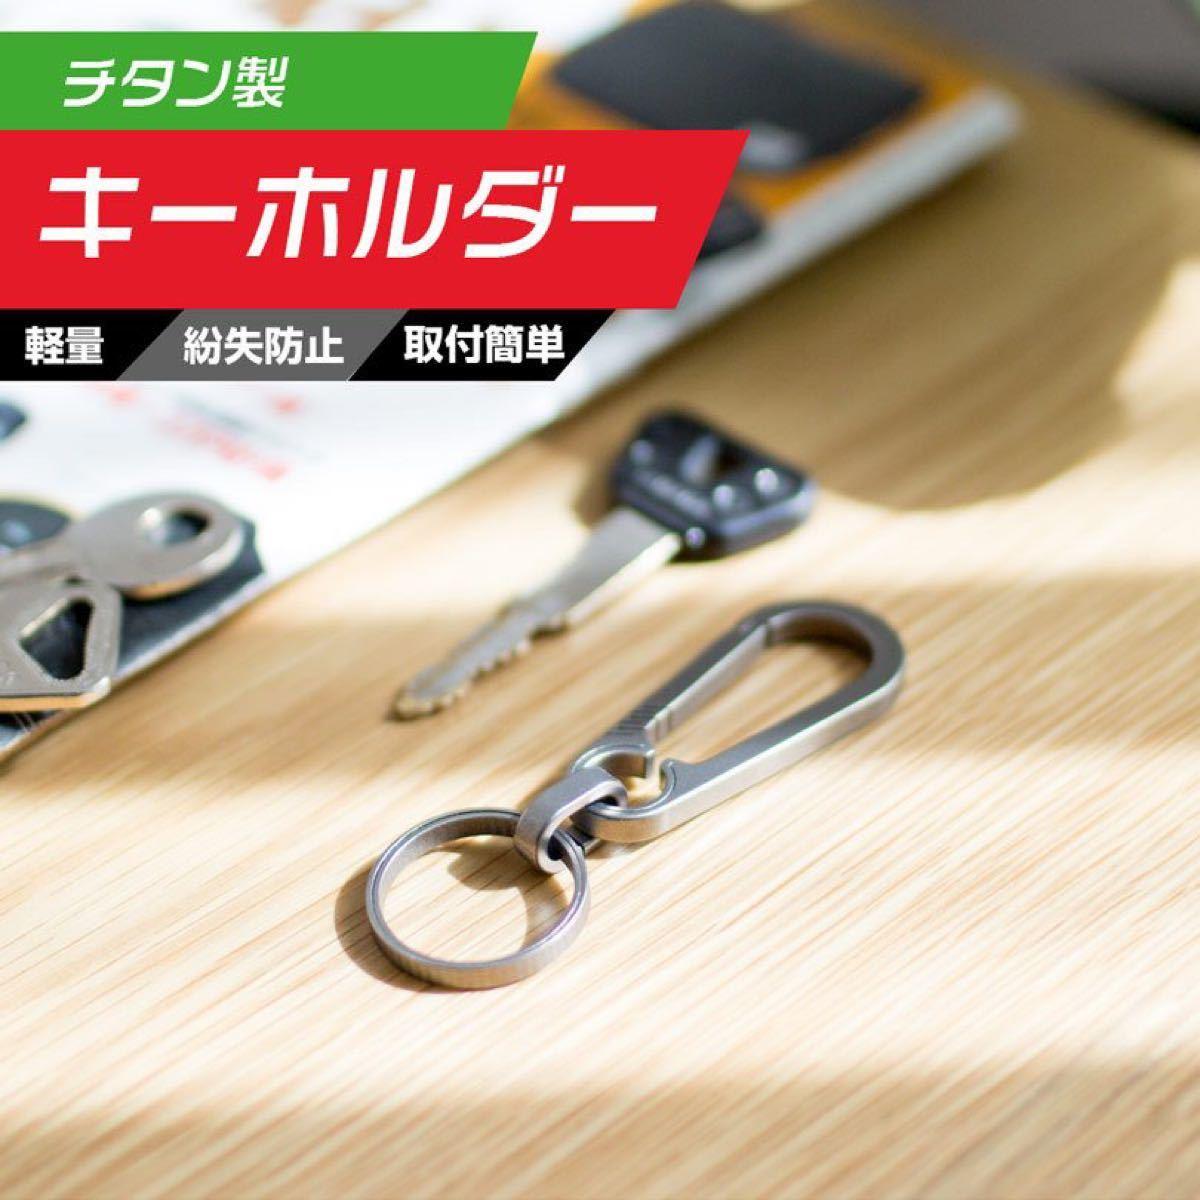 キーホルダー チタン合金製 カラビナ キーリング付き 超軽量 鍵保管 超軽量